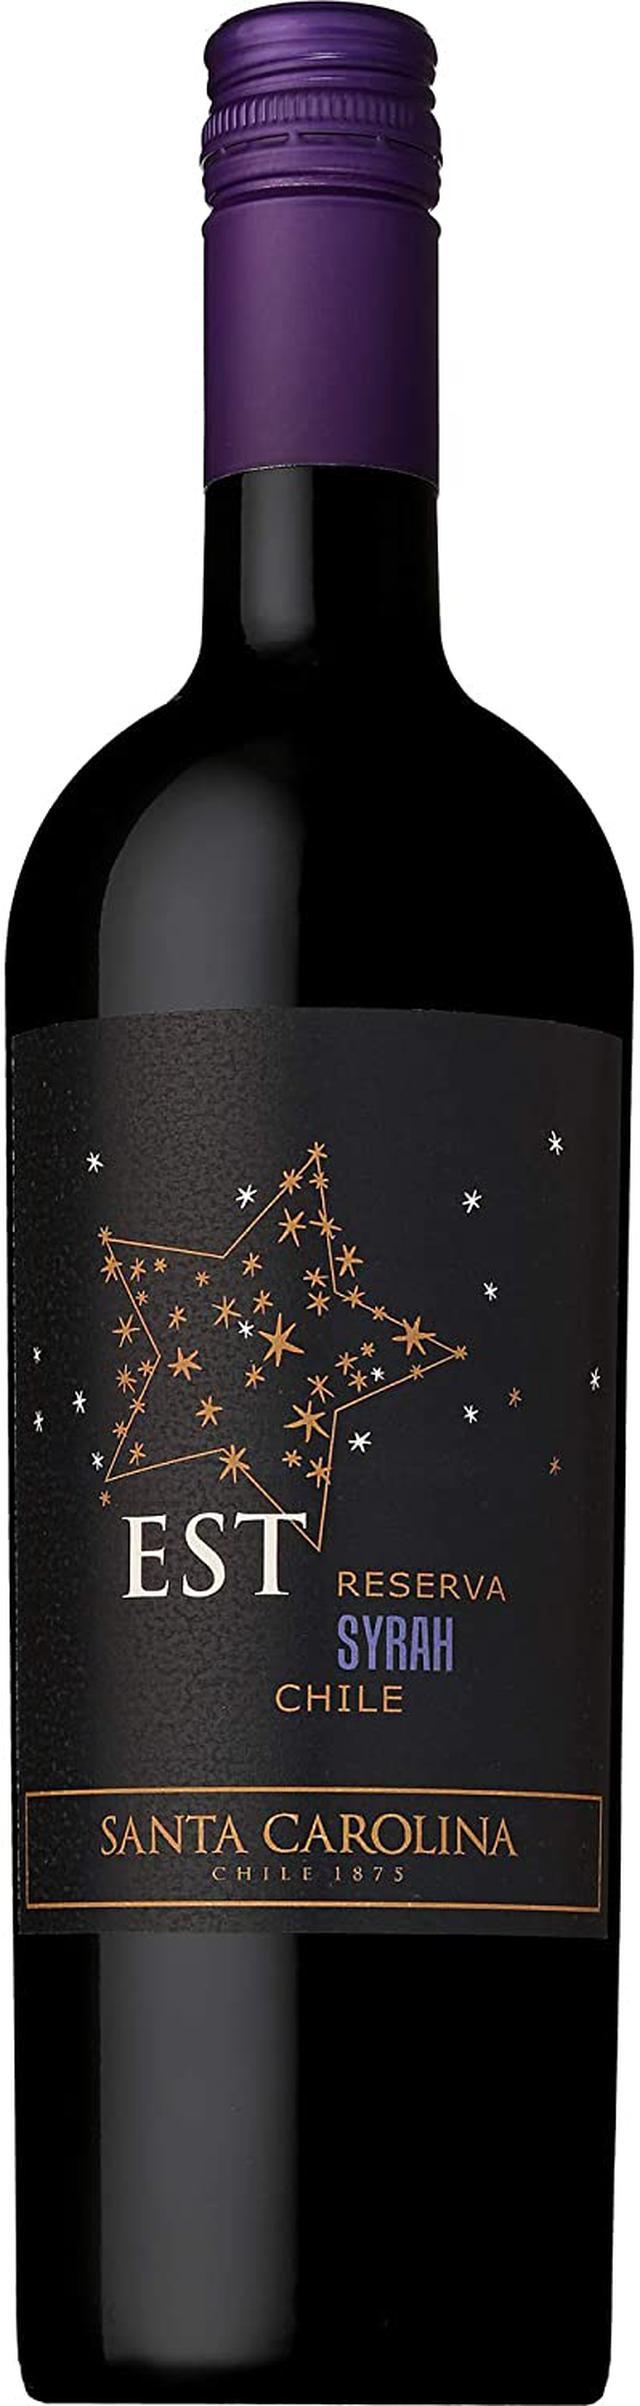 画像4: 【うち飲みにぴったり】今宵は星を見ながら、星空の下で収穫した「星のチリワイン」はいかが?